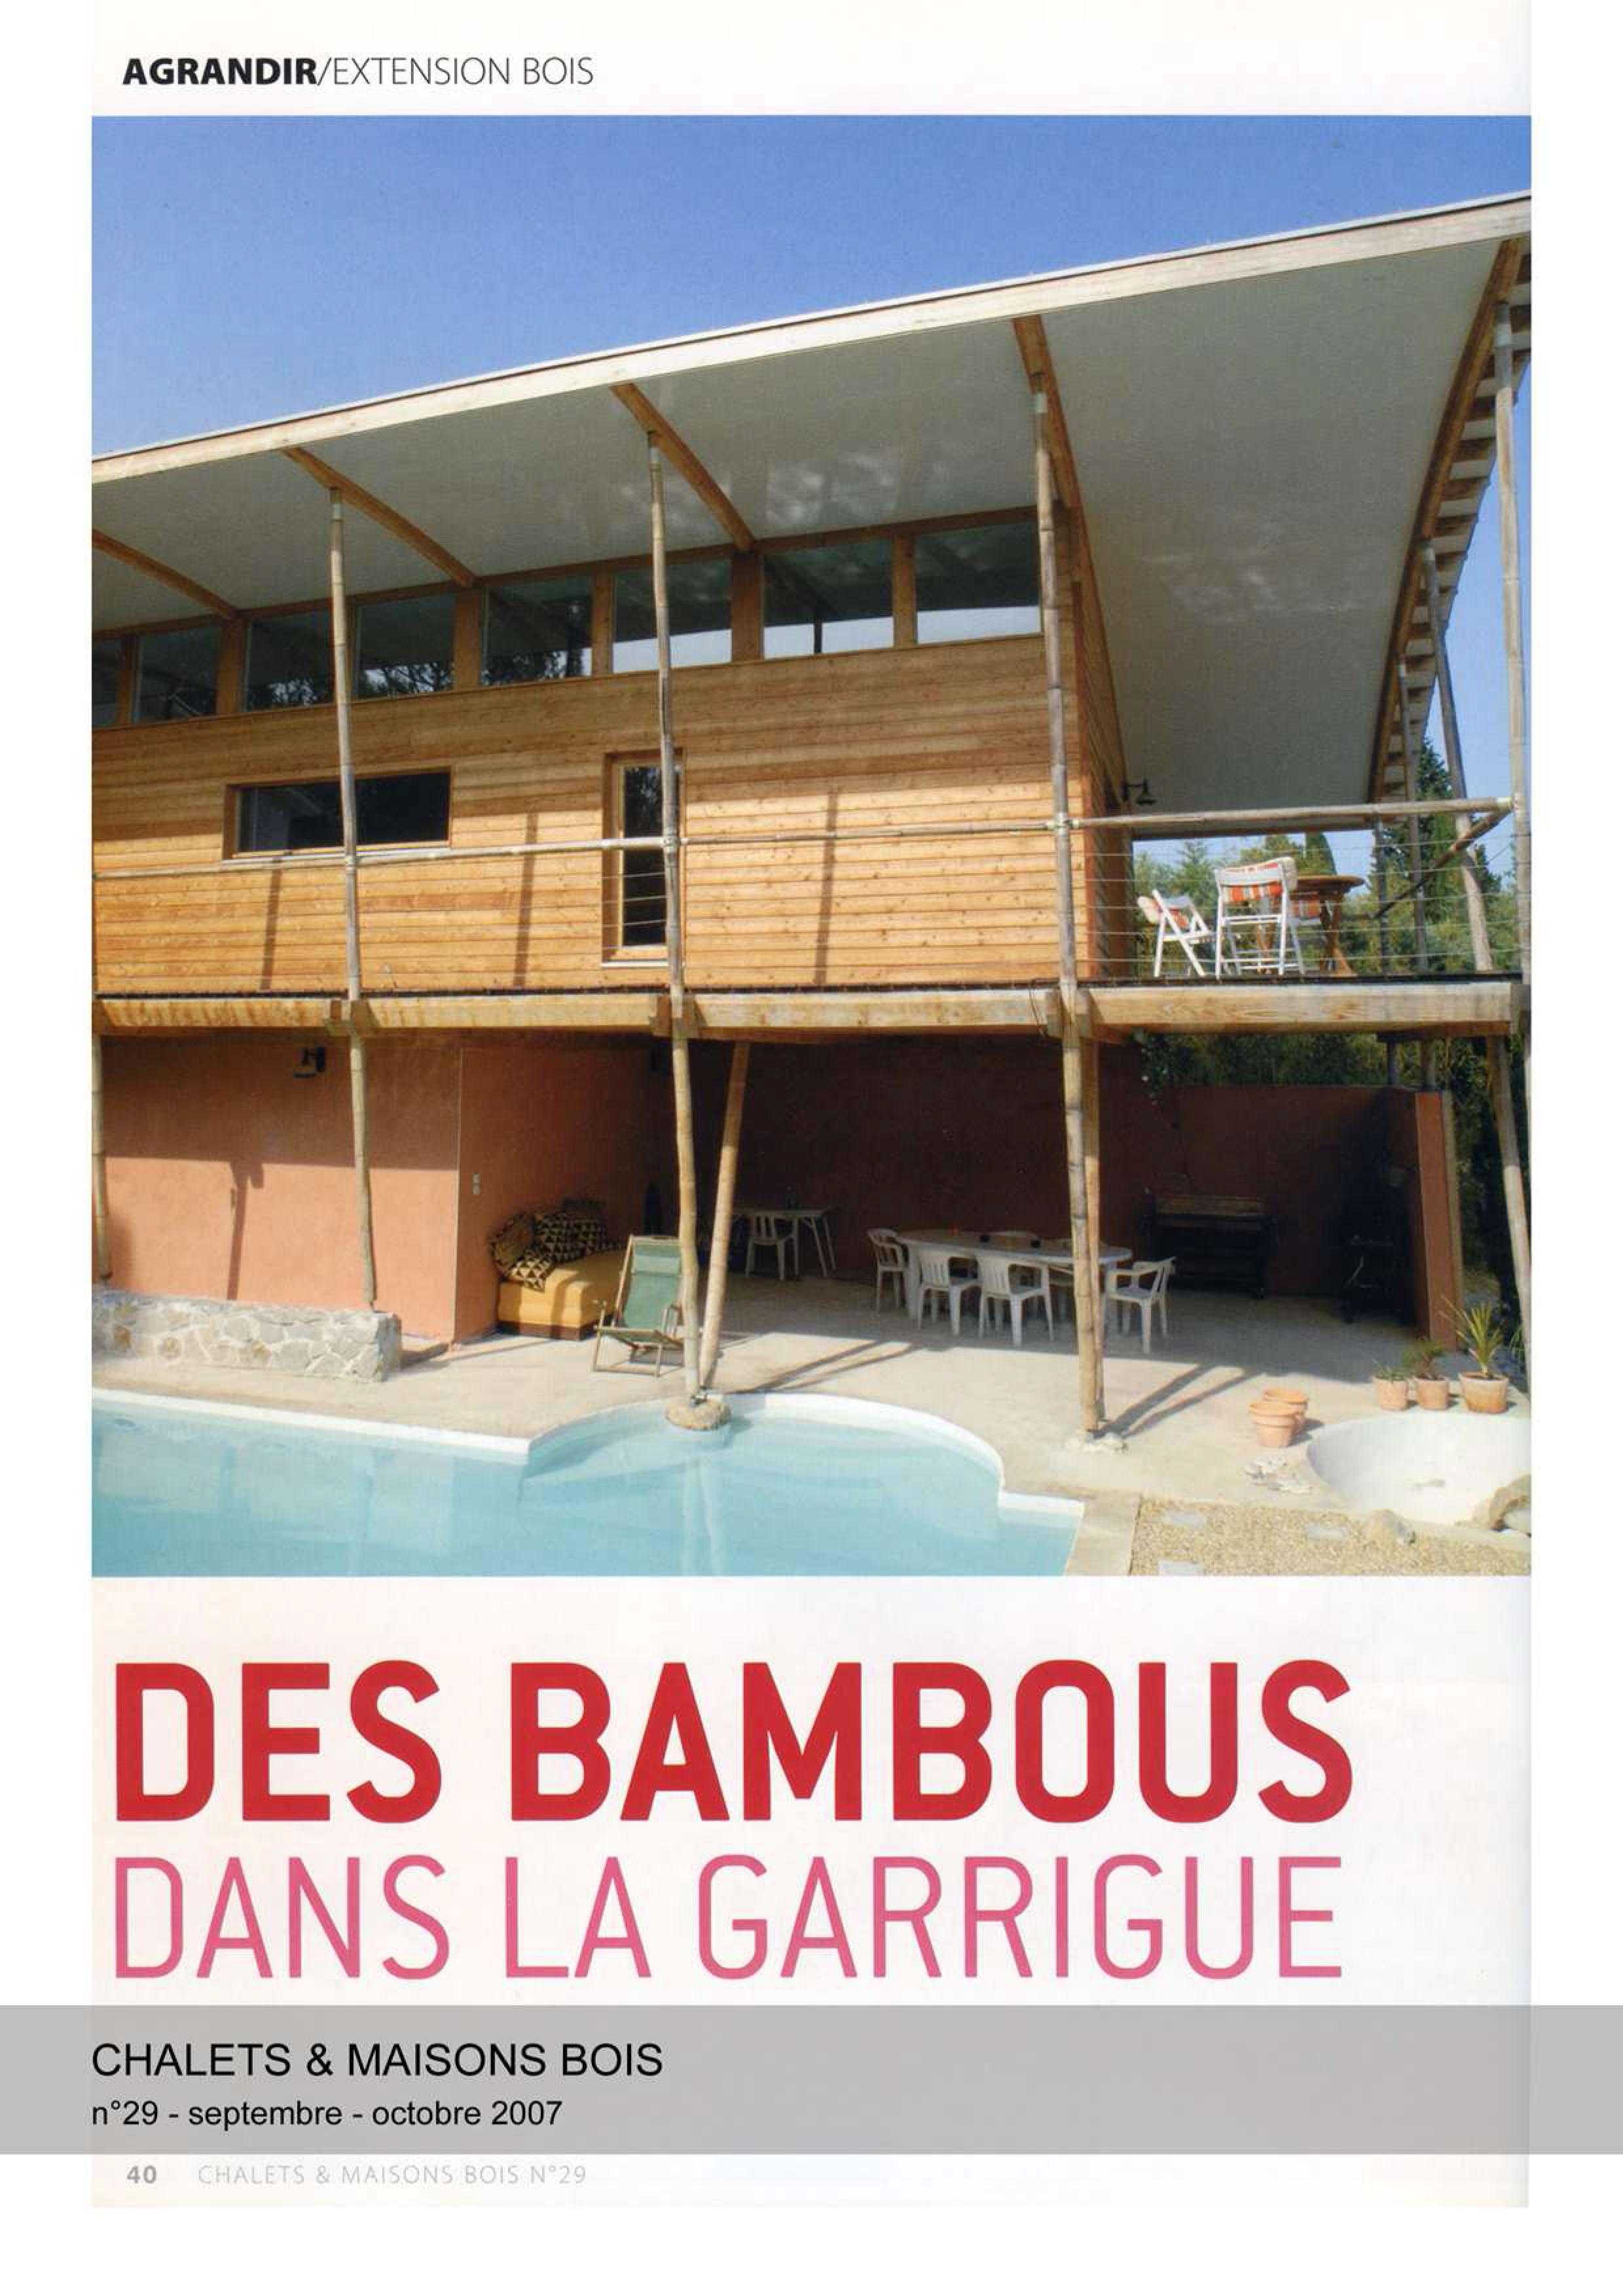 chalets-maisons-bois-n-29-sept-oct-2007-des-bambous-dans-la-garrigue-1